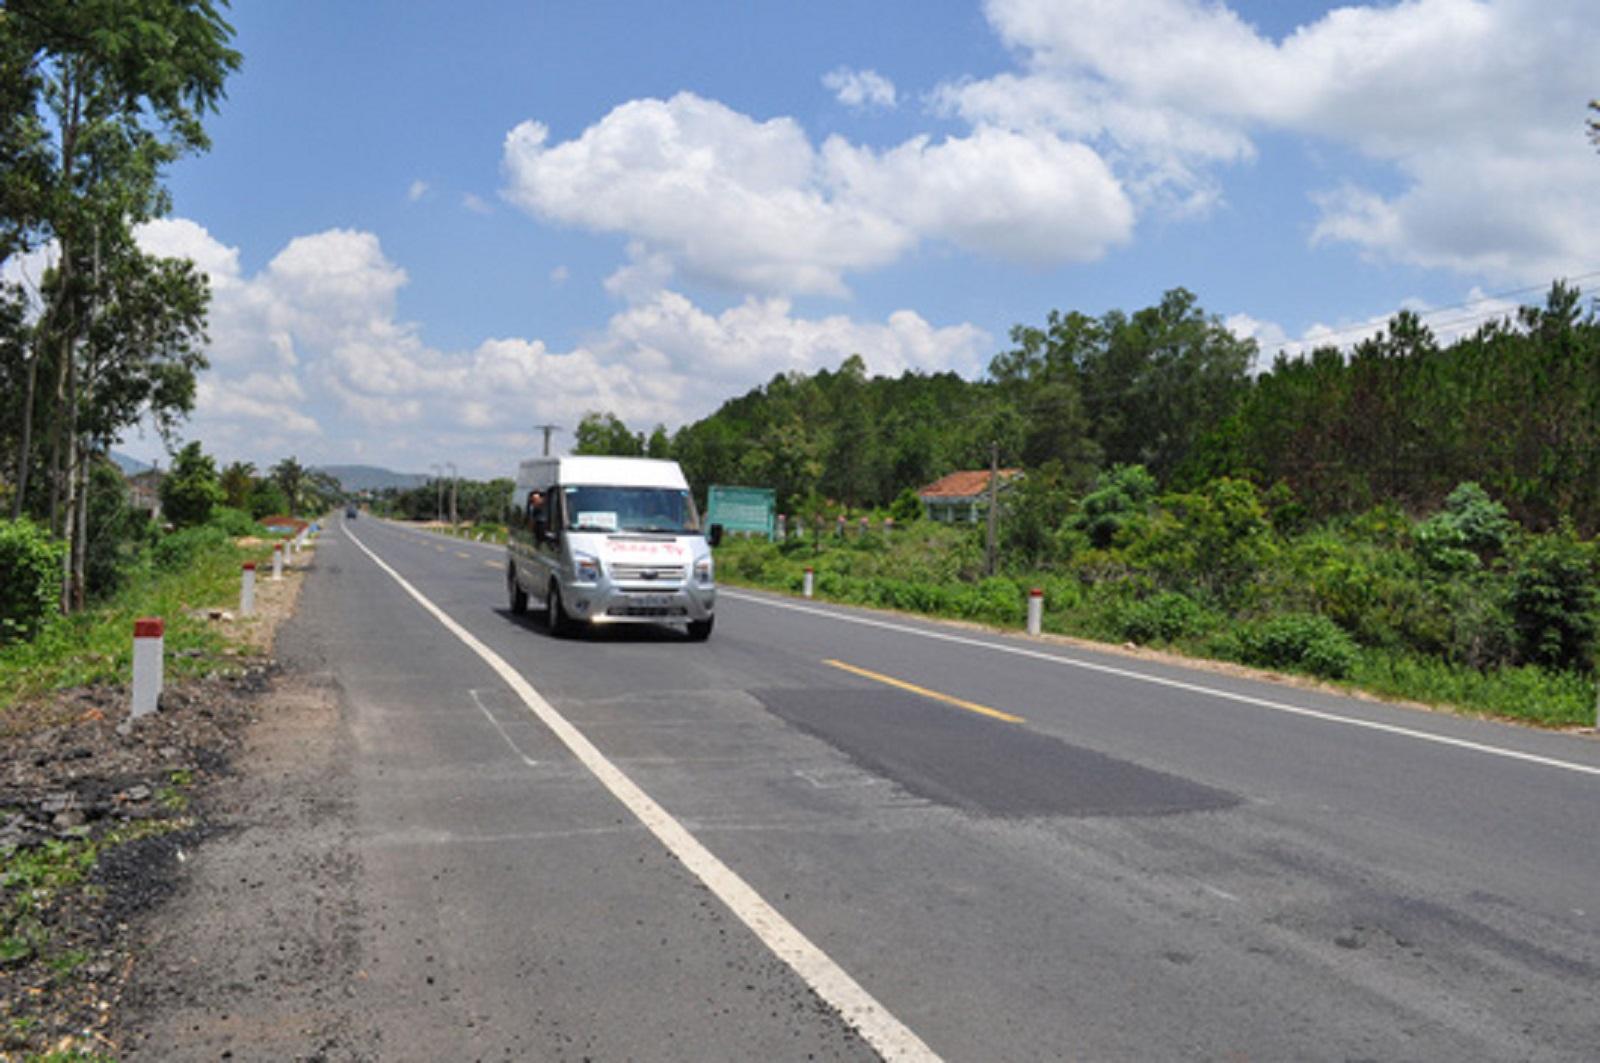 Đầu tư 154 triệu USD nâng cấp Quốc lộ 19 nối Gia Lai với Bình Định